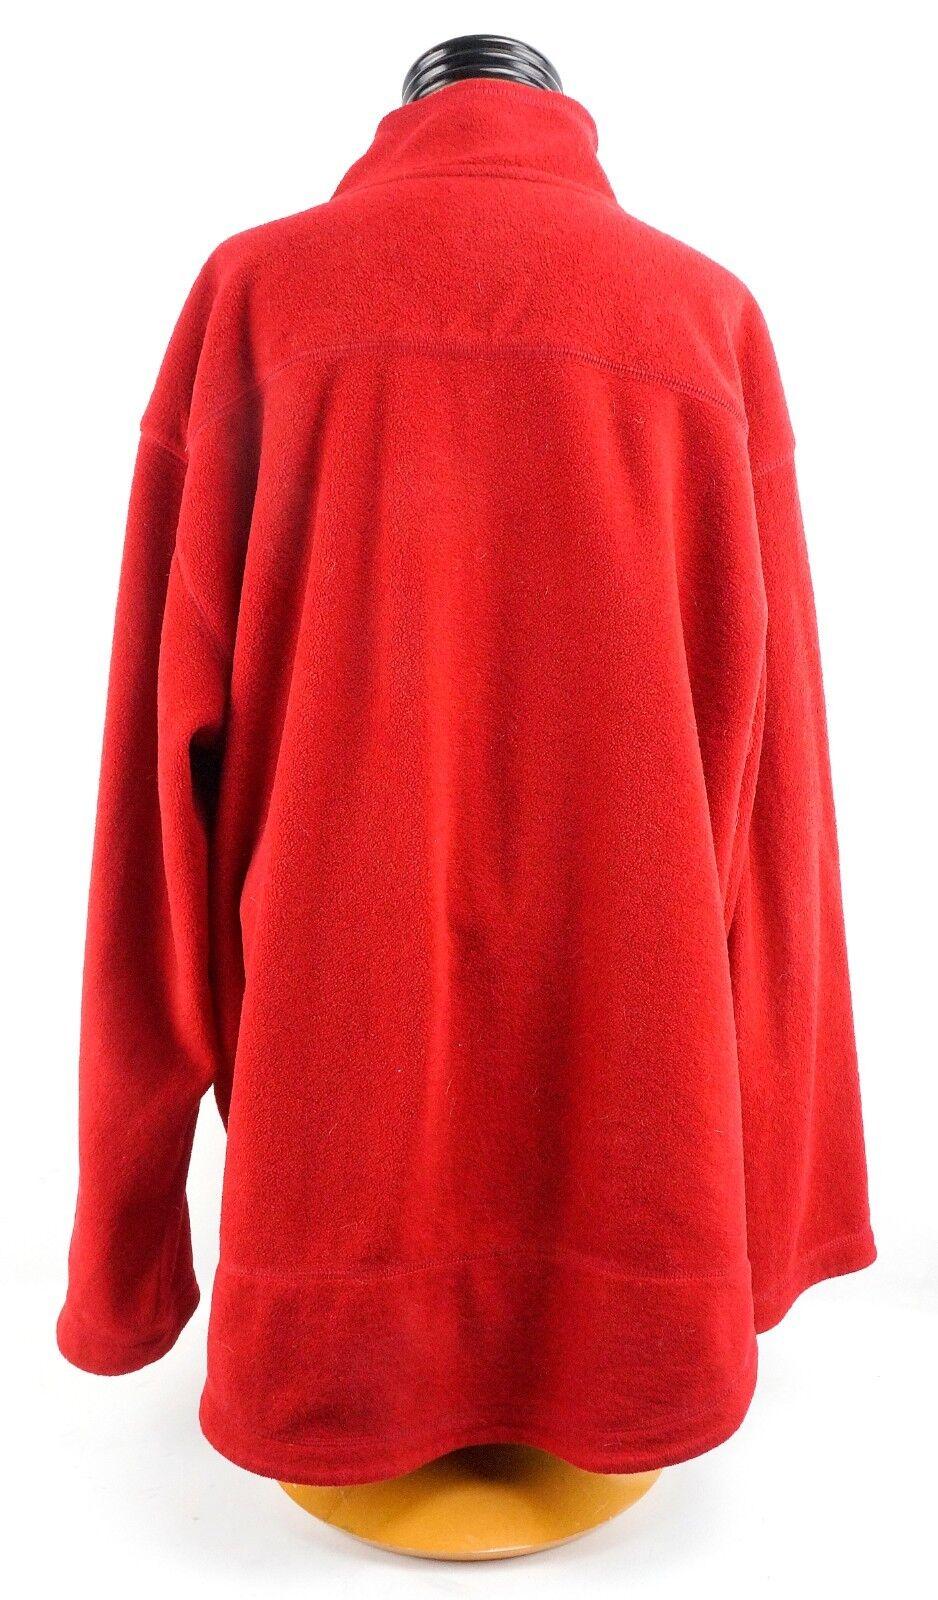 Uomo Ralph Lauren Jeans Half Zip Zip Zip Fleece Pull Over Large rosso 7d8002